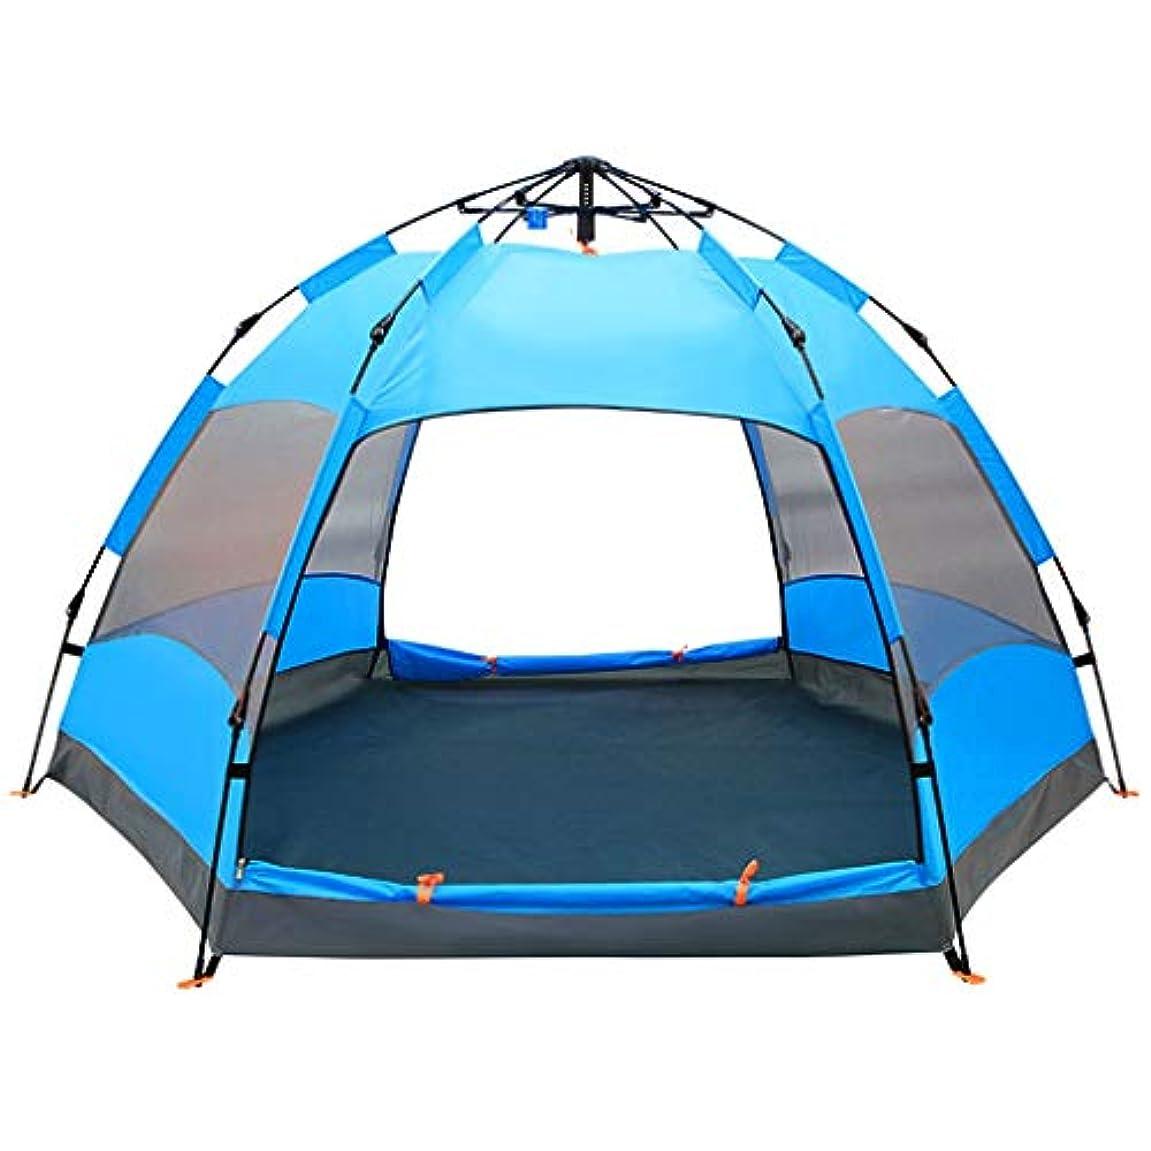 回転まつげ軽減するALUP- テントアウトドア全自動キャンプ場ファミリーレジャー設備5-8